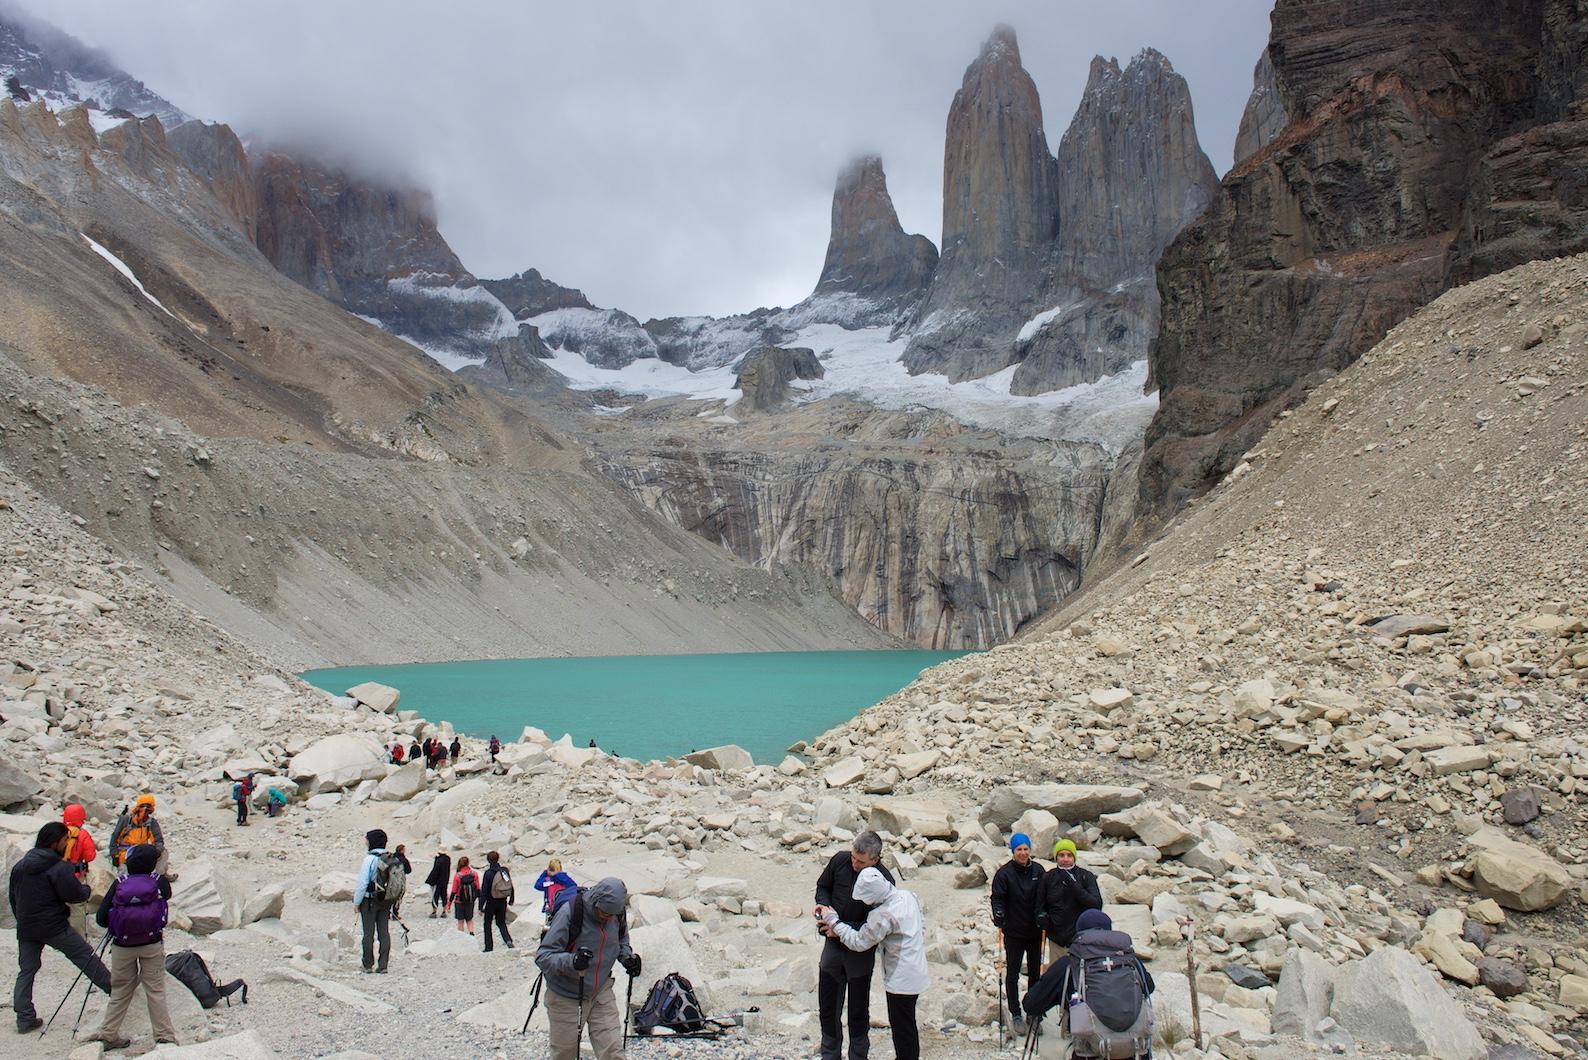 Das eigentliche Wahrzeichen des Nationalparks sind die drei Torres (Hörner) aus Granit.